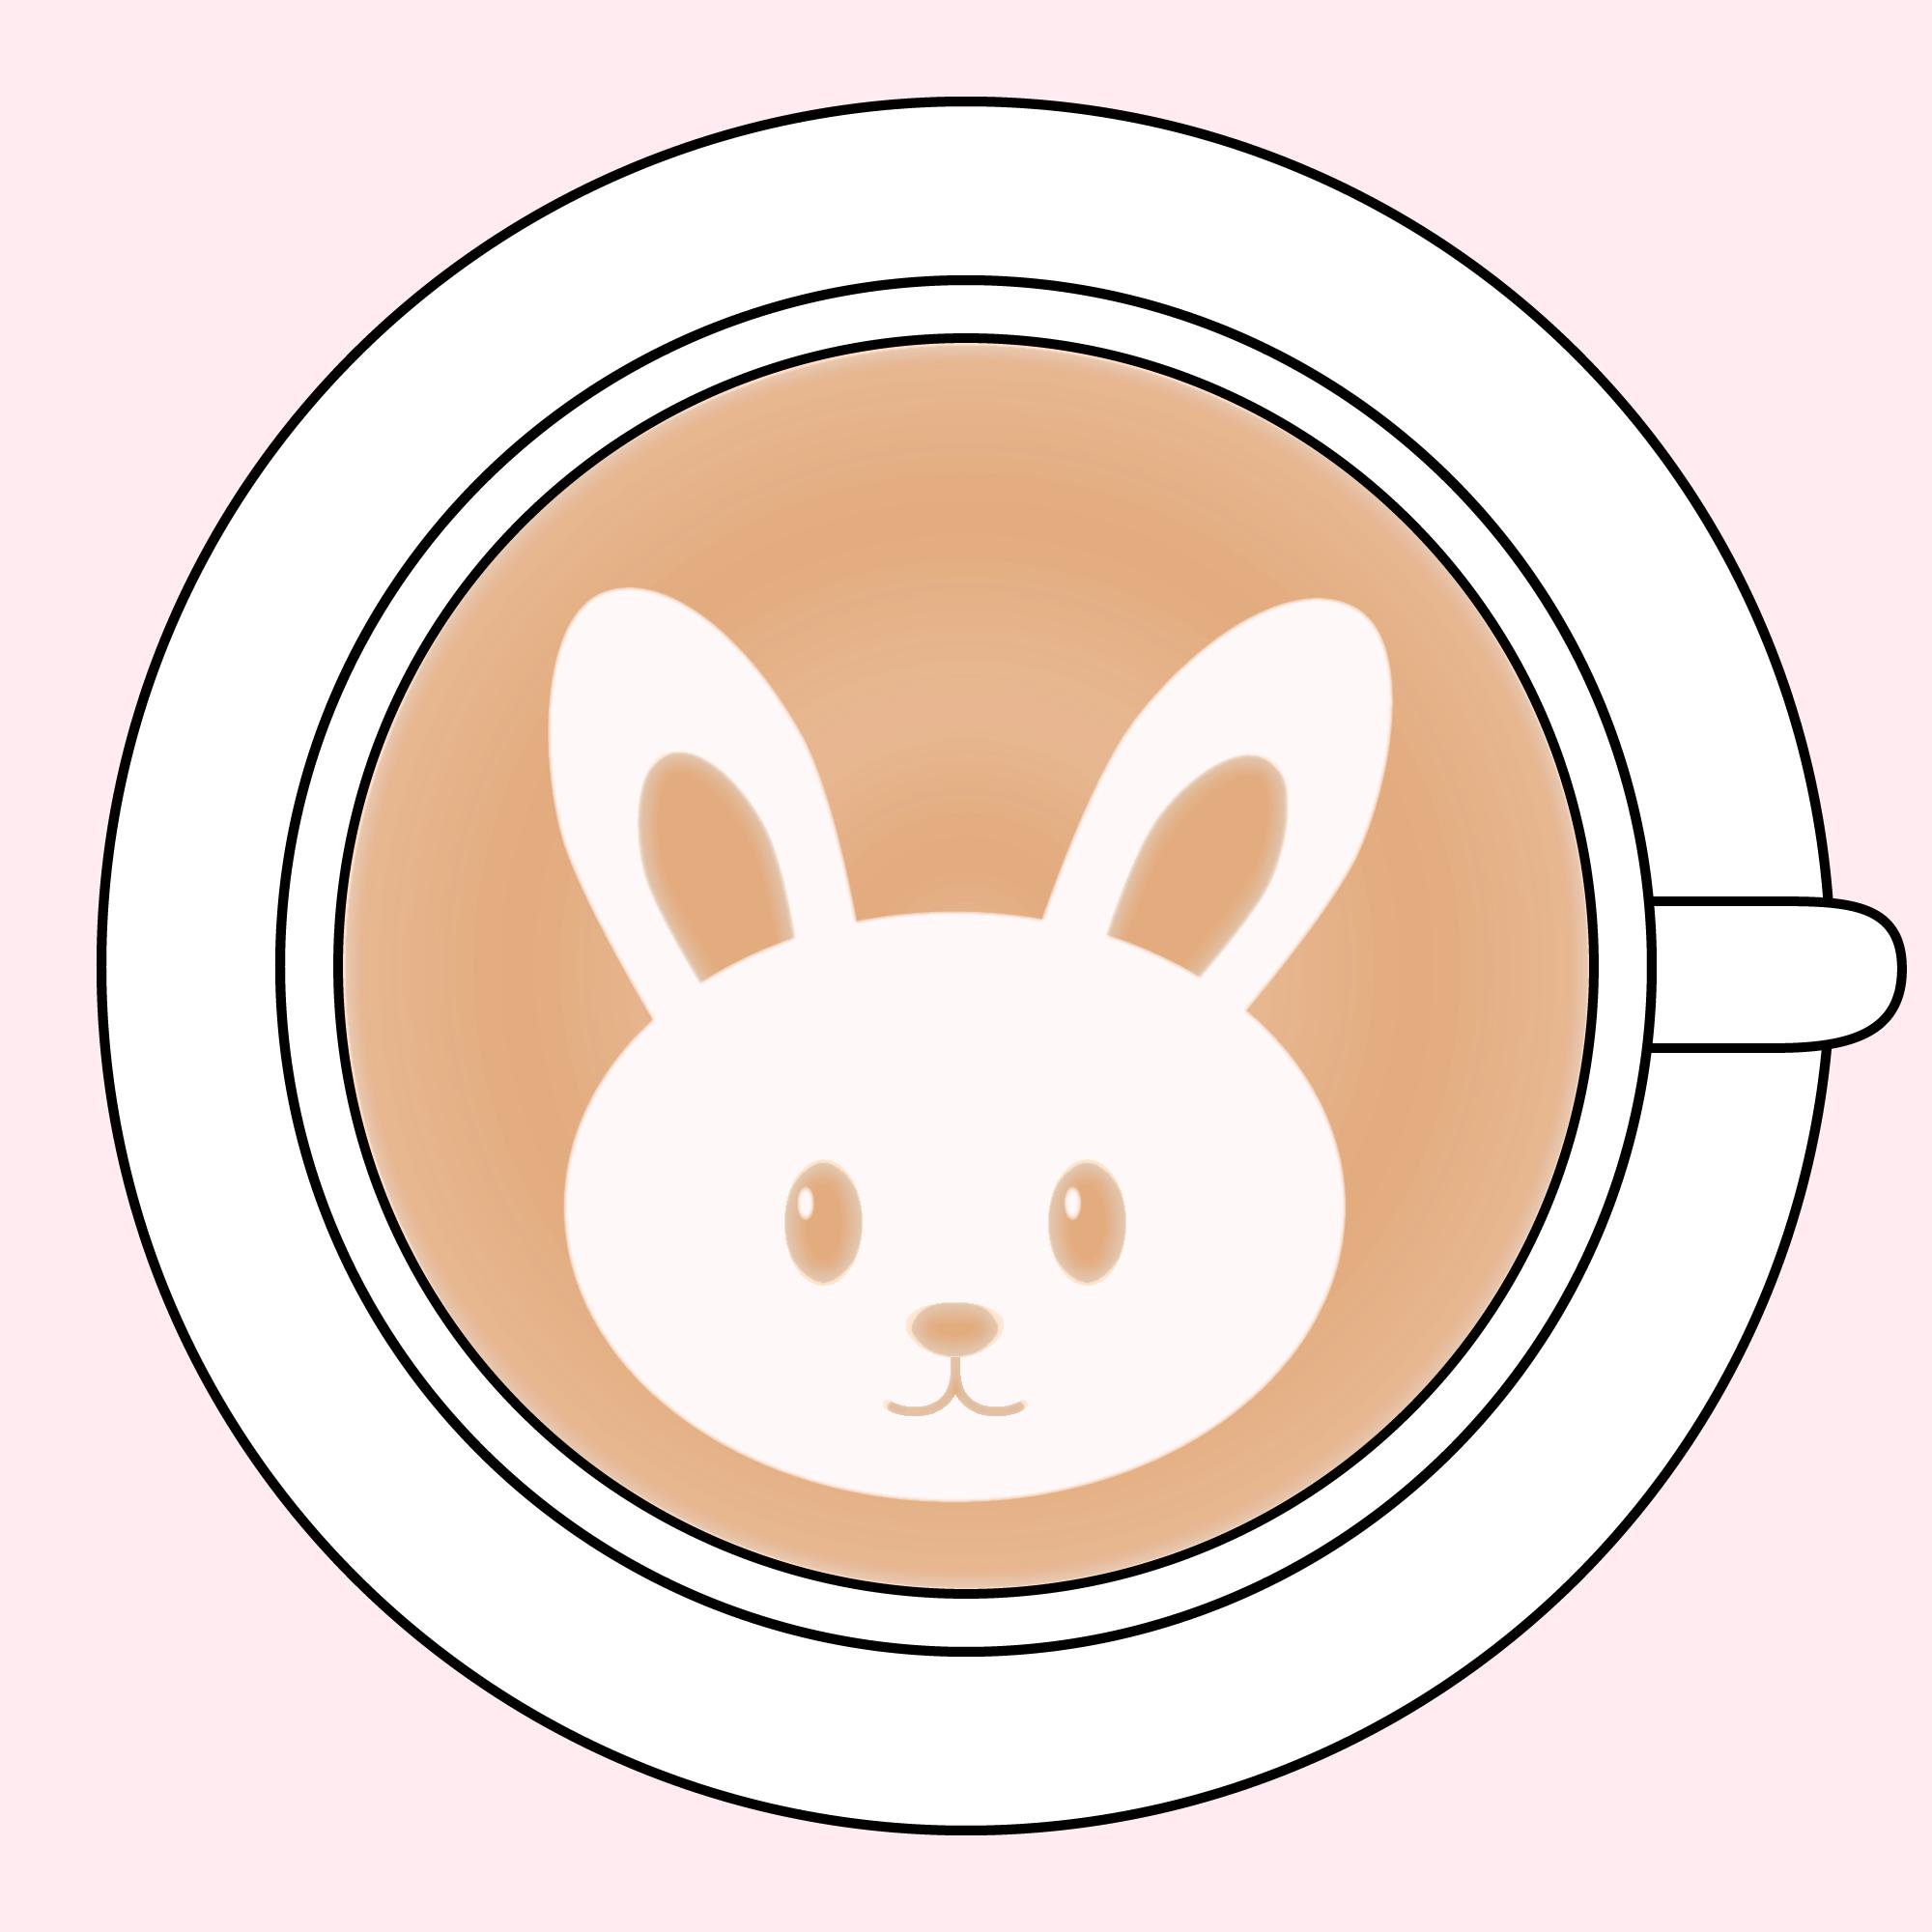 デザインカプチーノ風兎イラスト